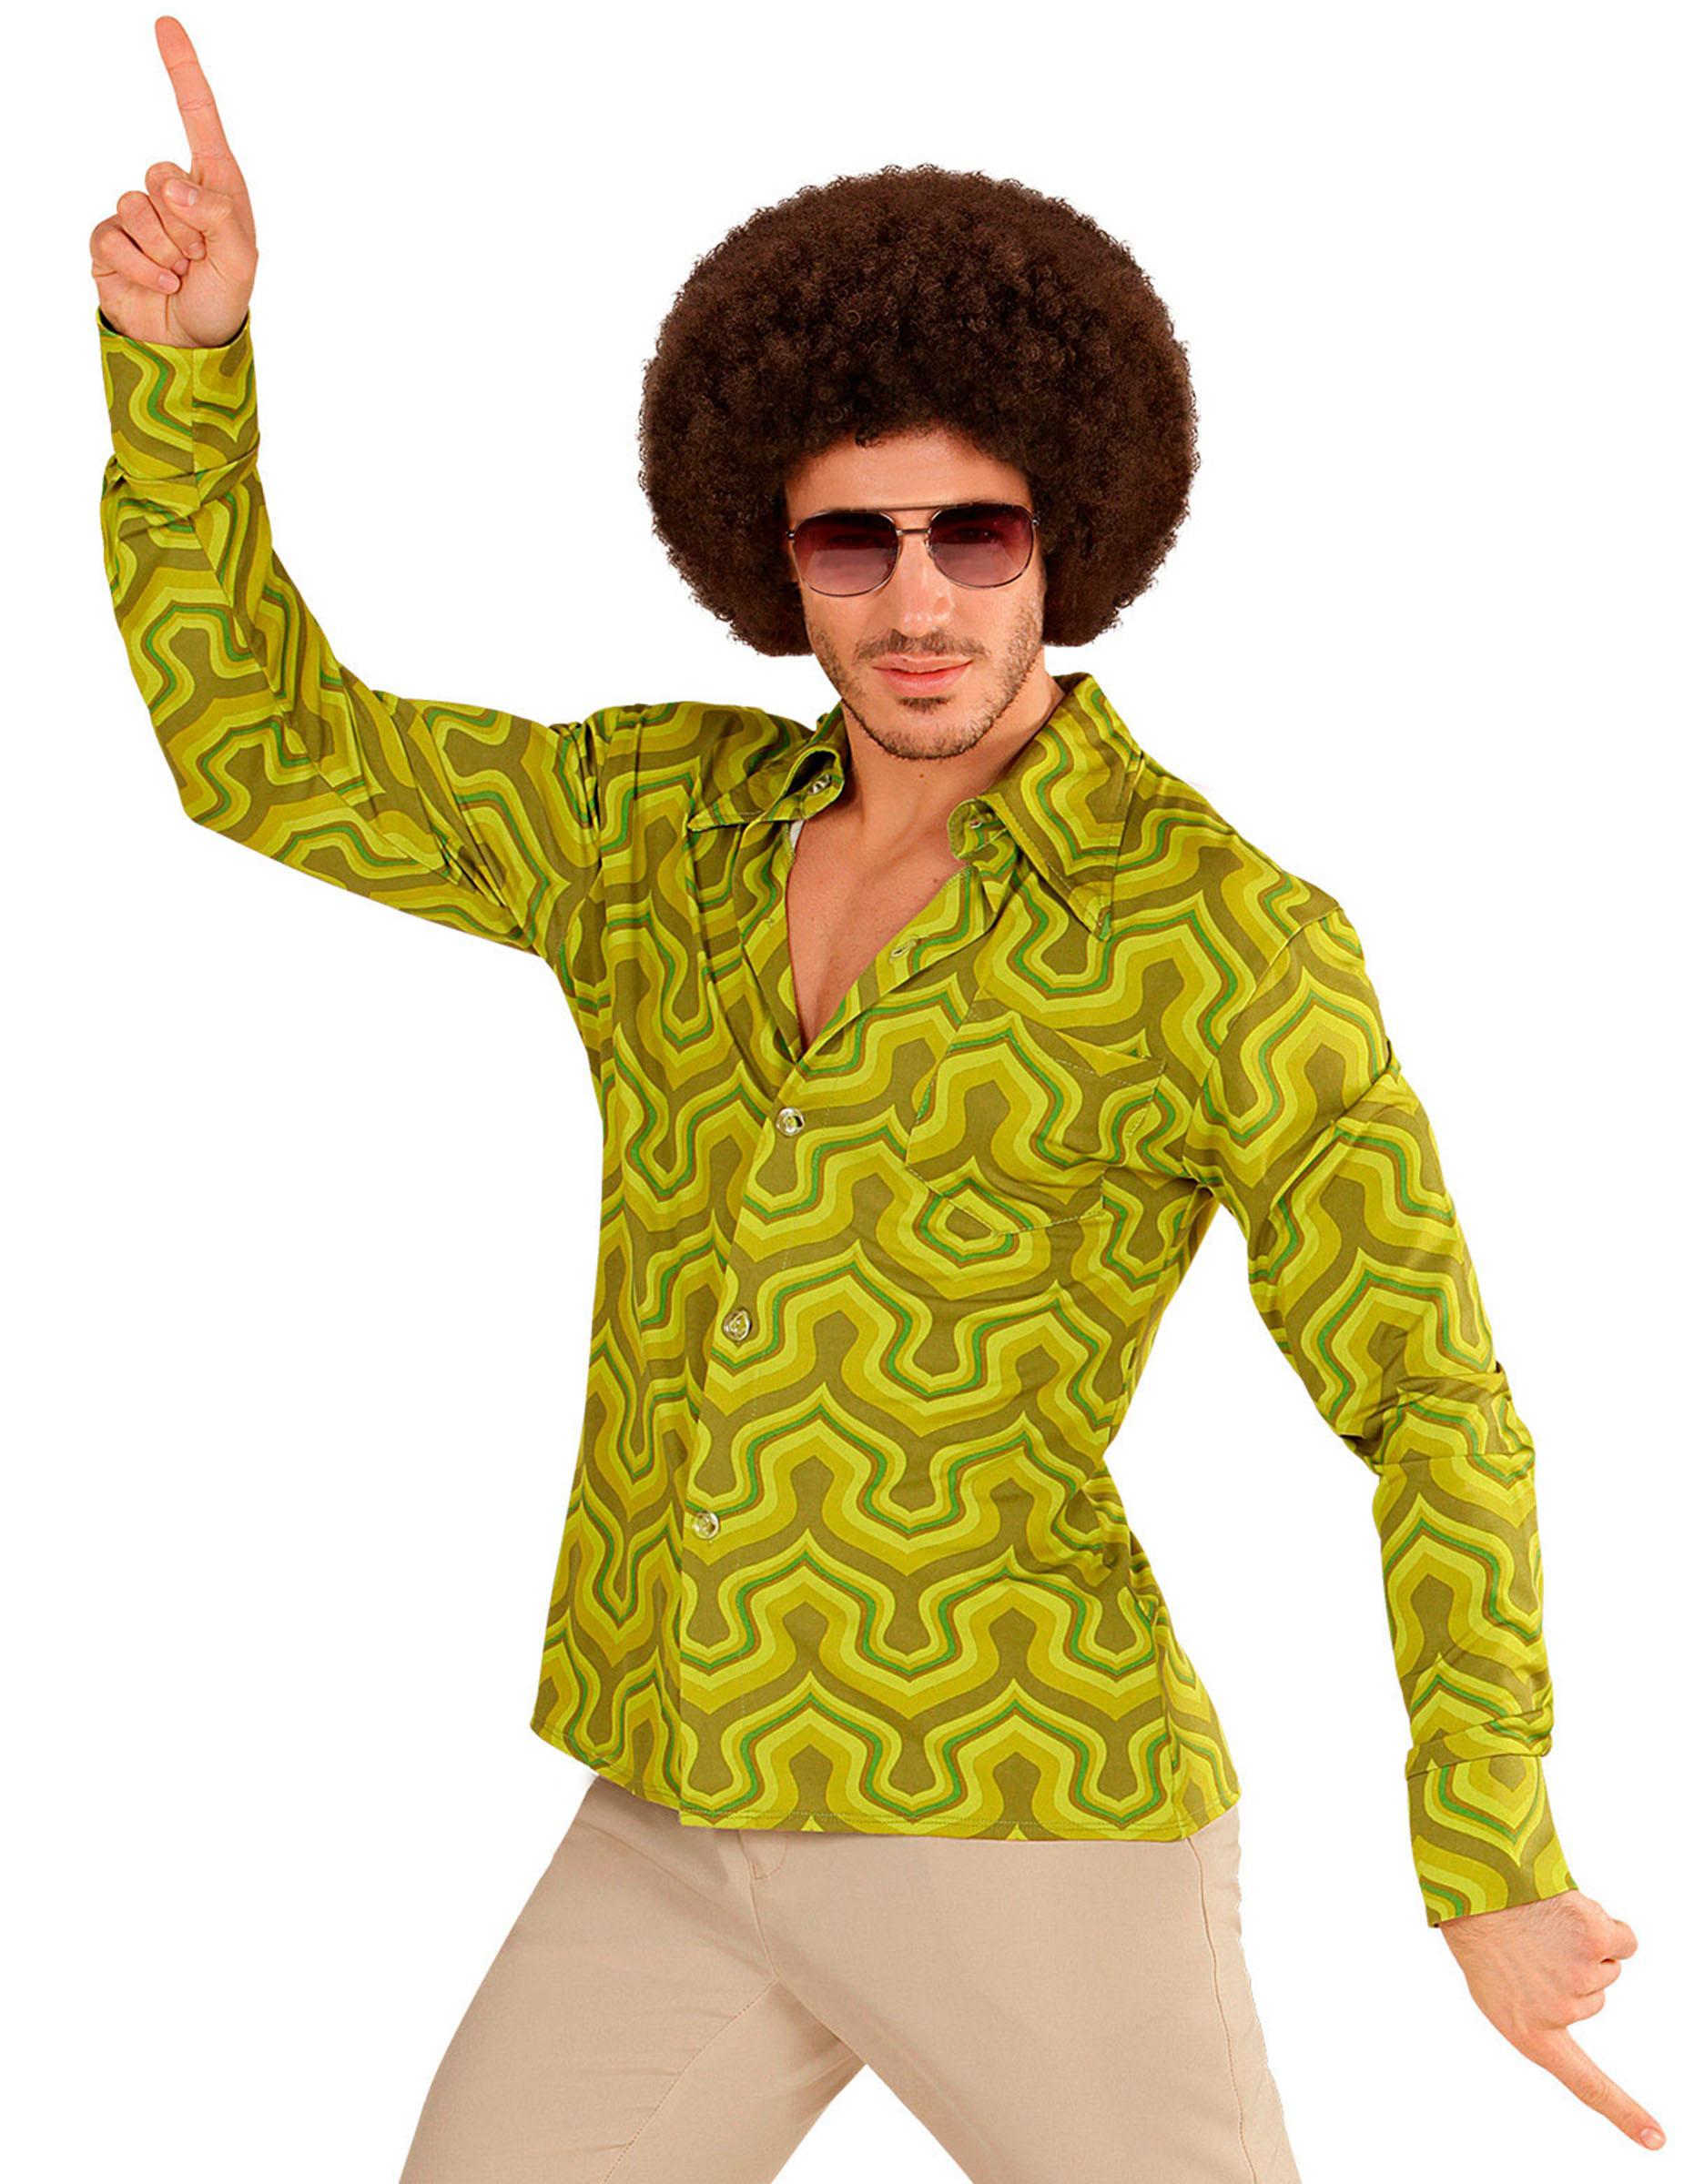 chemise groovy vert ann es 70 homme deguise toi achat de d guisements adultes. Black Bedroom Furniture Sets. Home Design Ideas